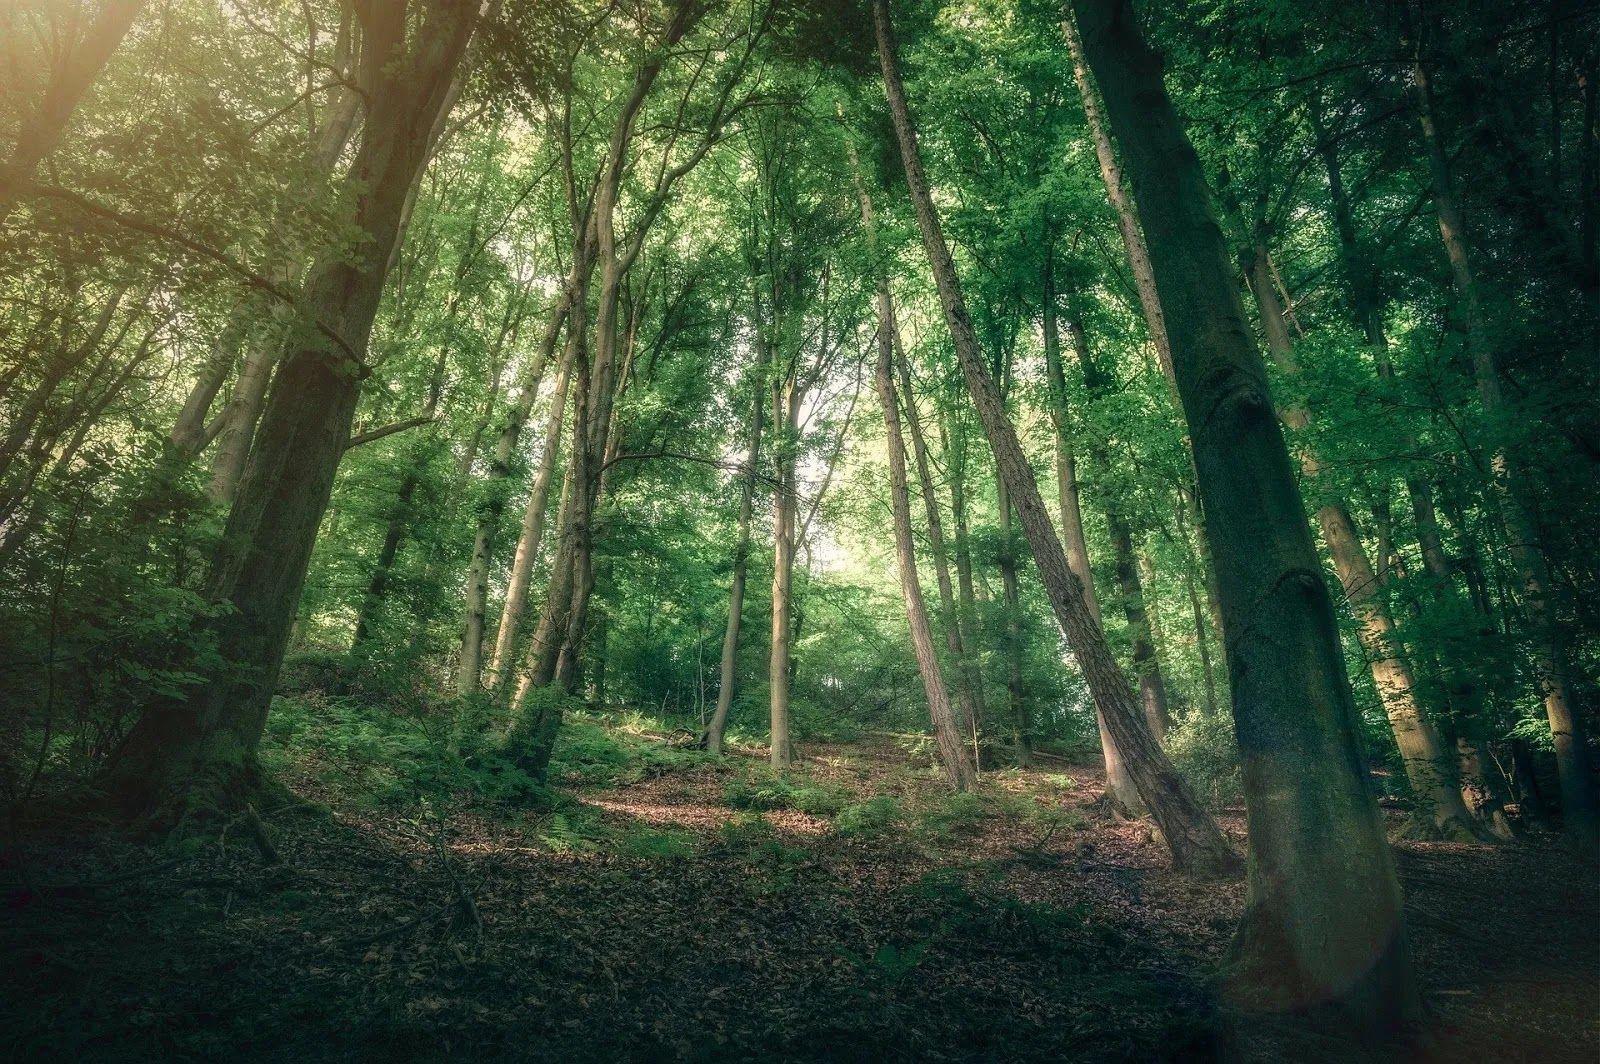 كوكتيل صور خلفيات Hd وبس أفضل خلفيات الكمبيوتر عالية الجودة Tree Plants Tree Trunk